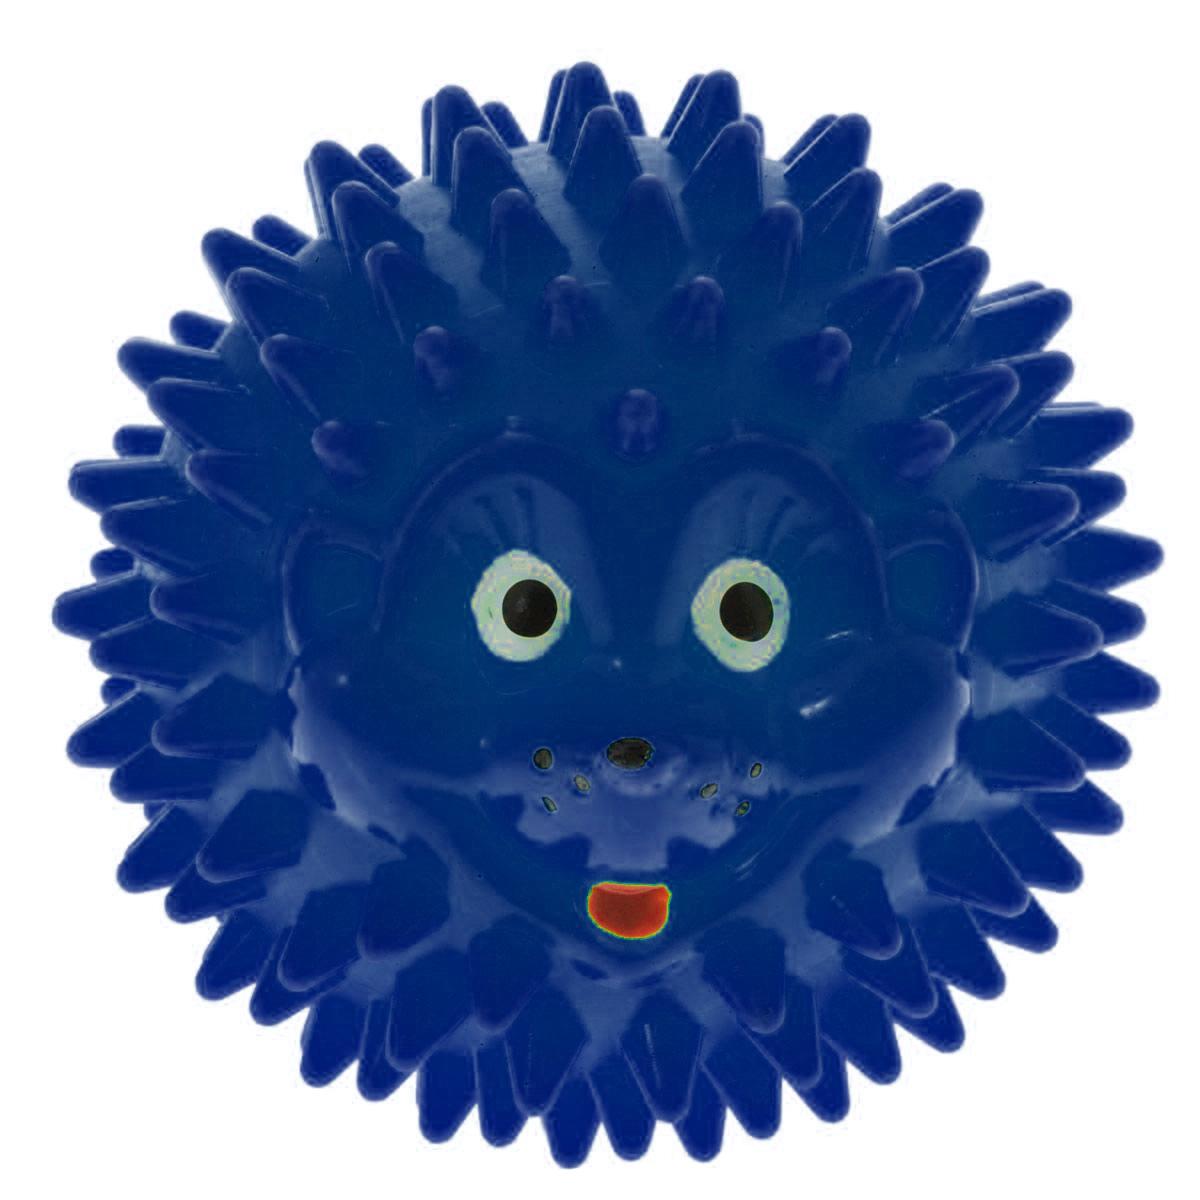 Массажер Дельтатерм Шарик-Ежик, цвет: синий, диаметр 50 ммAS-0826AС помощью массажного мяча Шарик-Ежик можно самостоятельно проводить мягкий массаж ладоней, стоп и всего тела. Такой массаж способствует повышению кожно-мышечного тонуса, уменьшению венозного застоя и ускорению капиллярного кровотока, улучшению функционирования периферической и центральной нервных систем. Идеально подходит для проведения массажа у маленьких детей. Развивает мышление, координацию движений и совершенствует моторику нежных пальчиков малыша и является интересной веселой игрушкой.